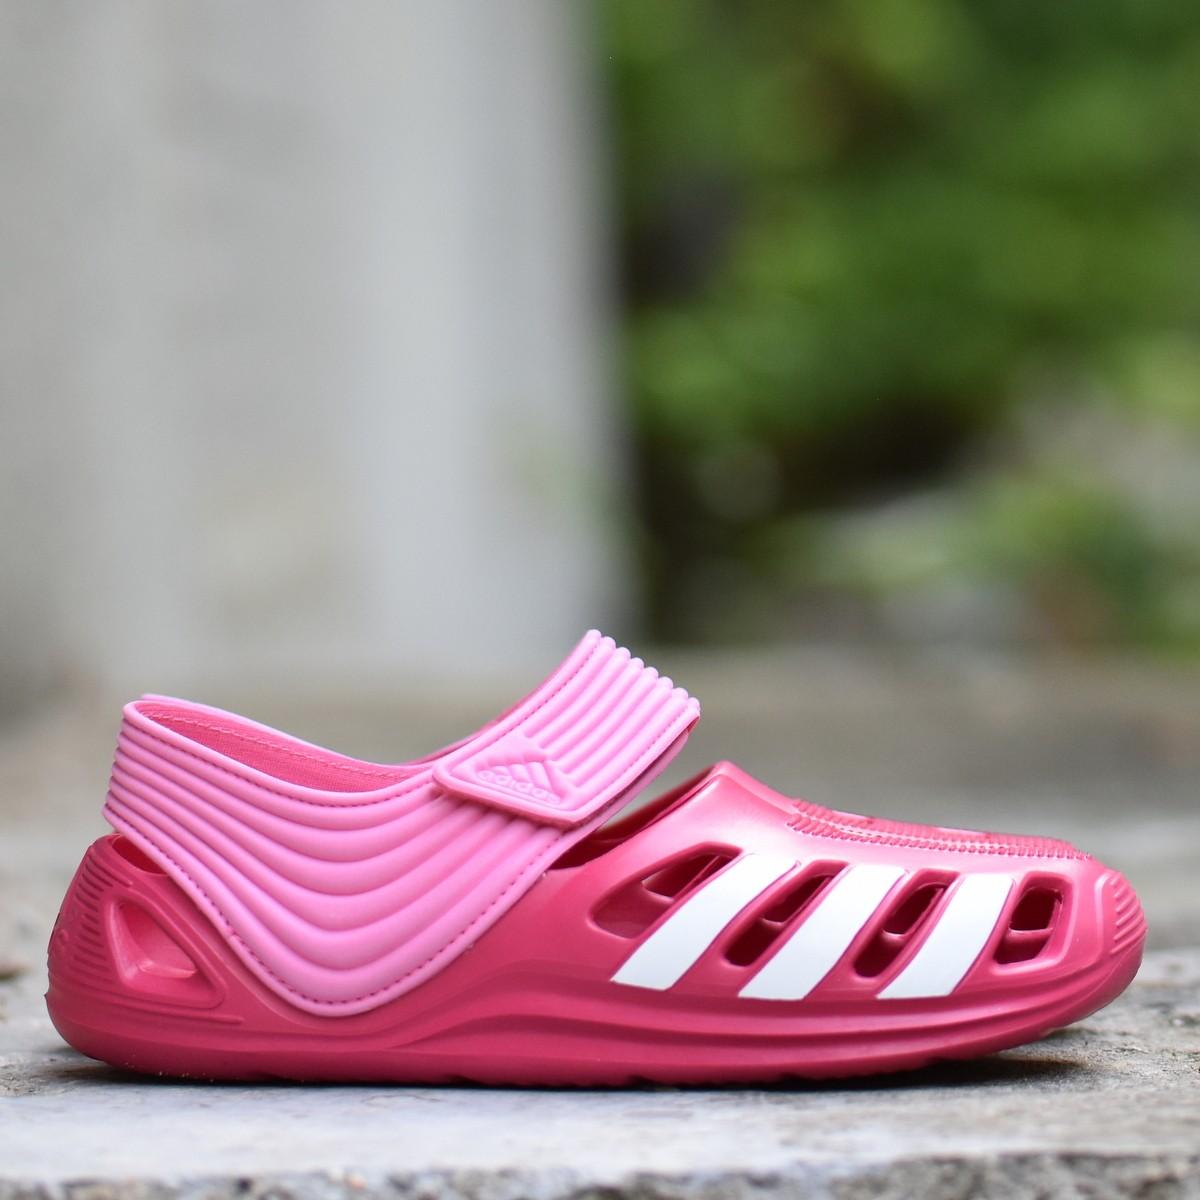 c4699f612d07 adidas Performance Zsandal K Dětské sandále EU 34 B44457